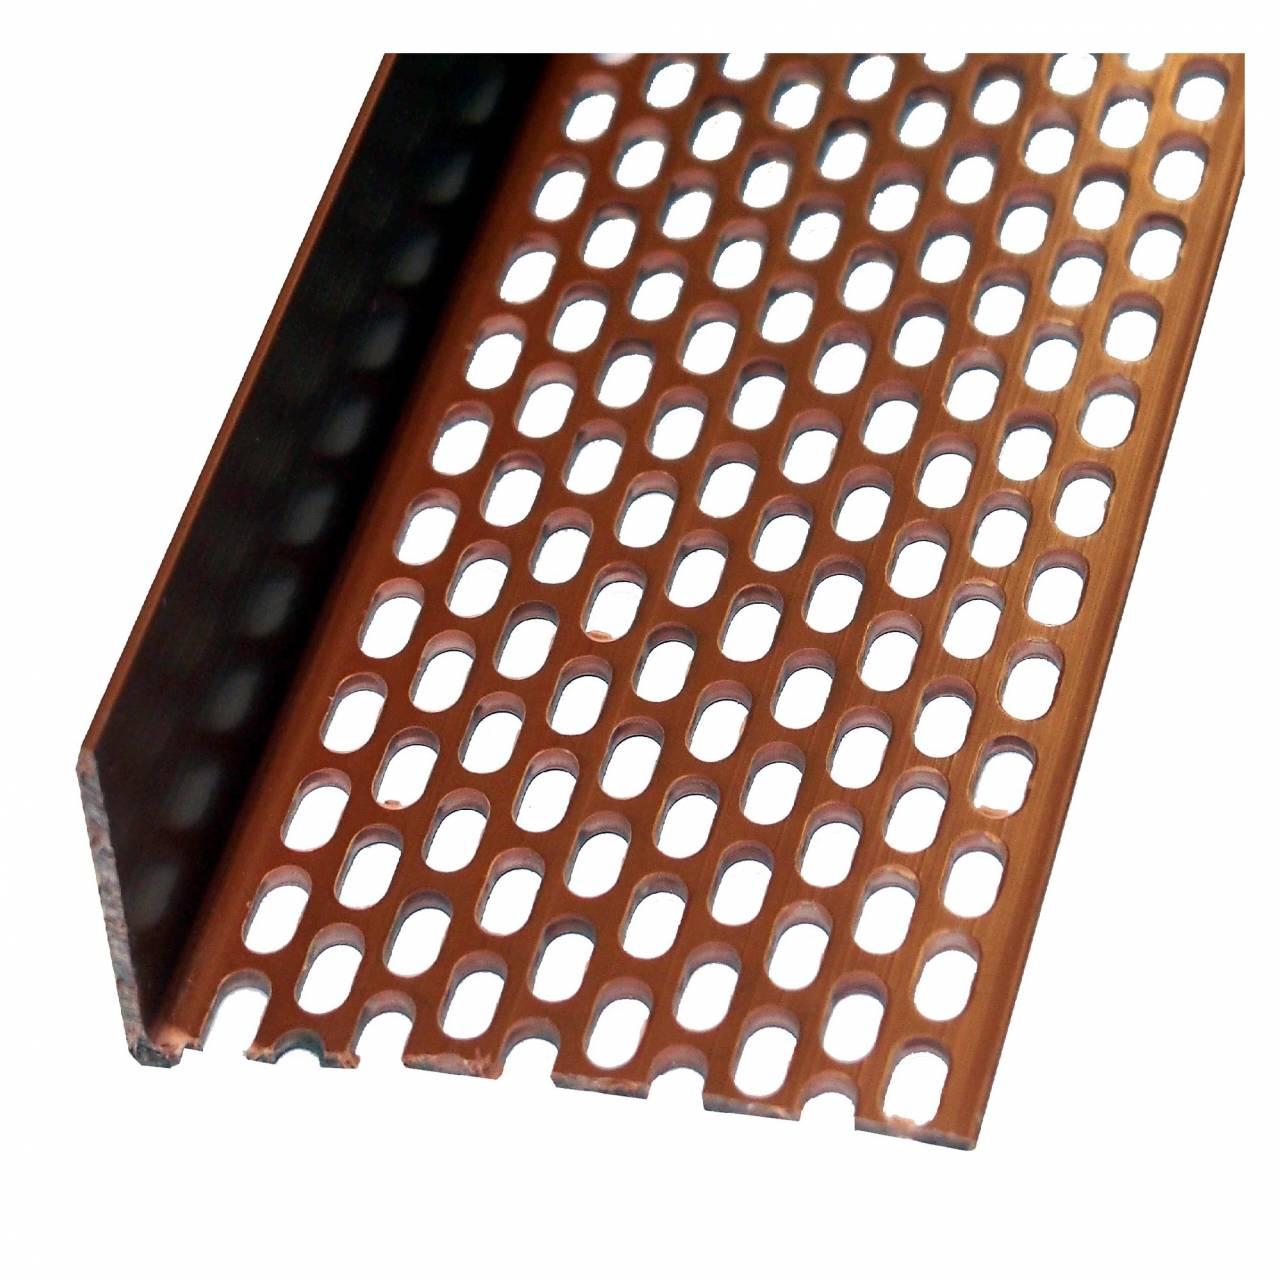 Lüftungsprofil 30 x 70 ziegelrot / Bd a 10 x 2,5 m Stäbe